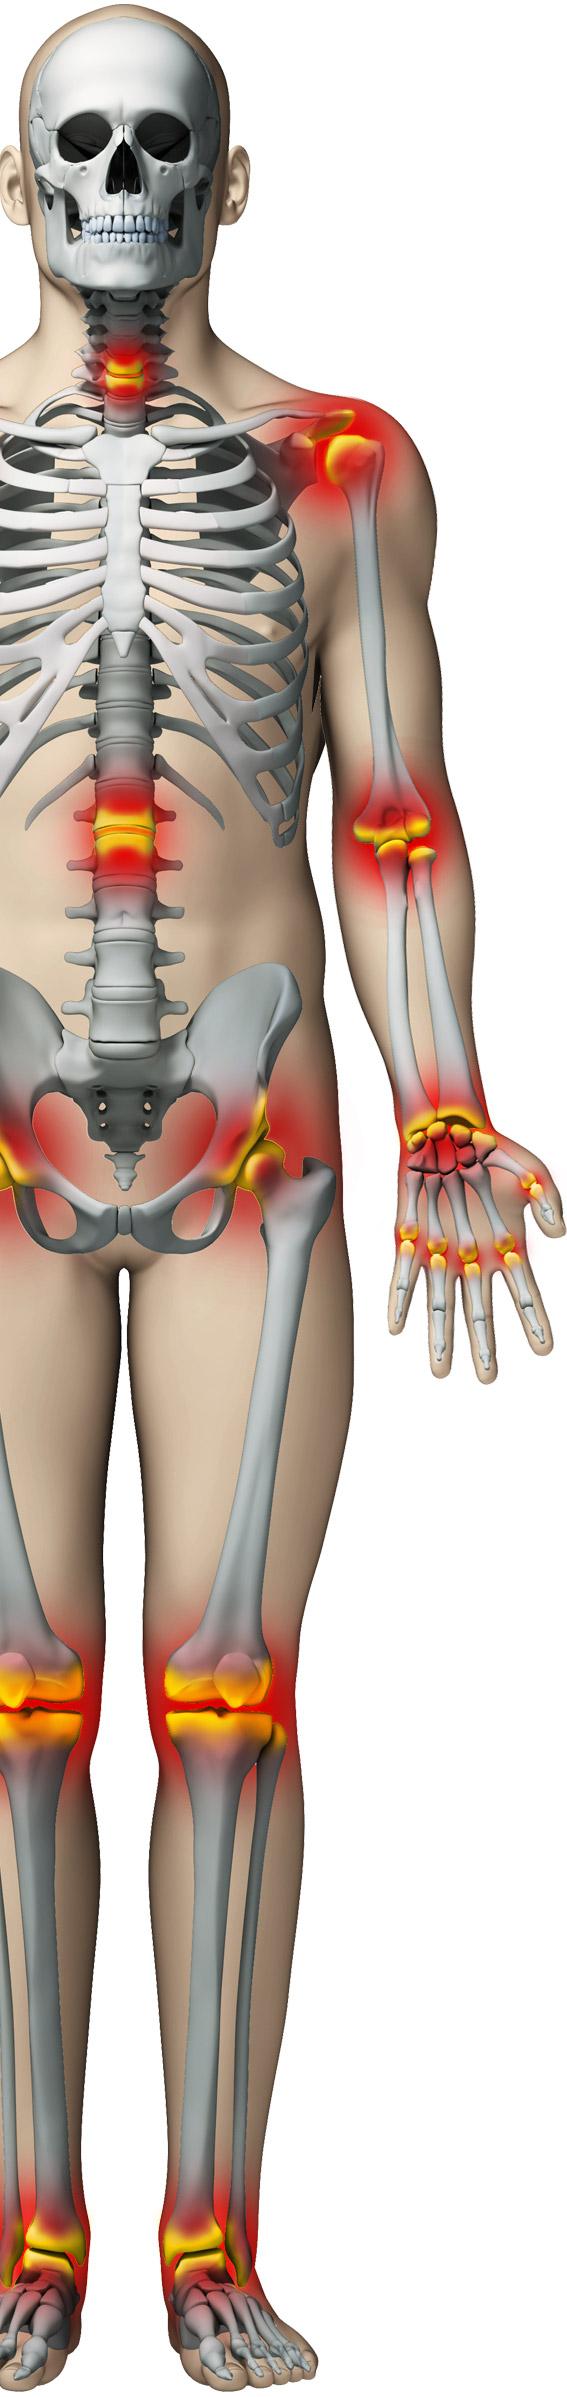 inflamația și tratamentul șoldului durere continuă în articulația șoldului